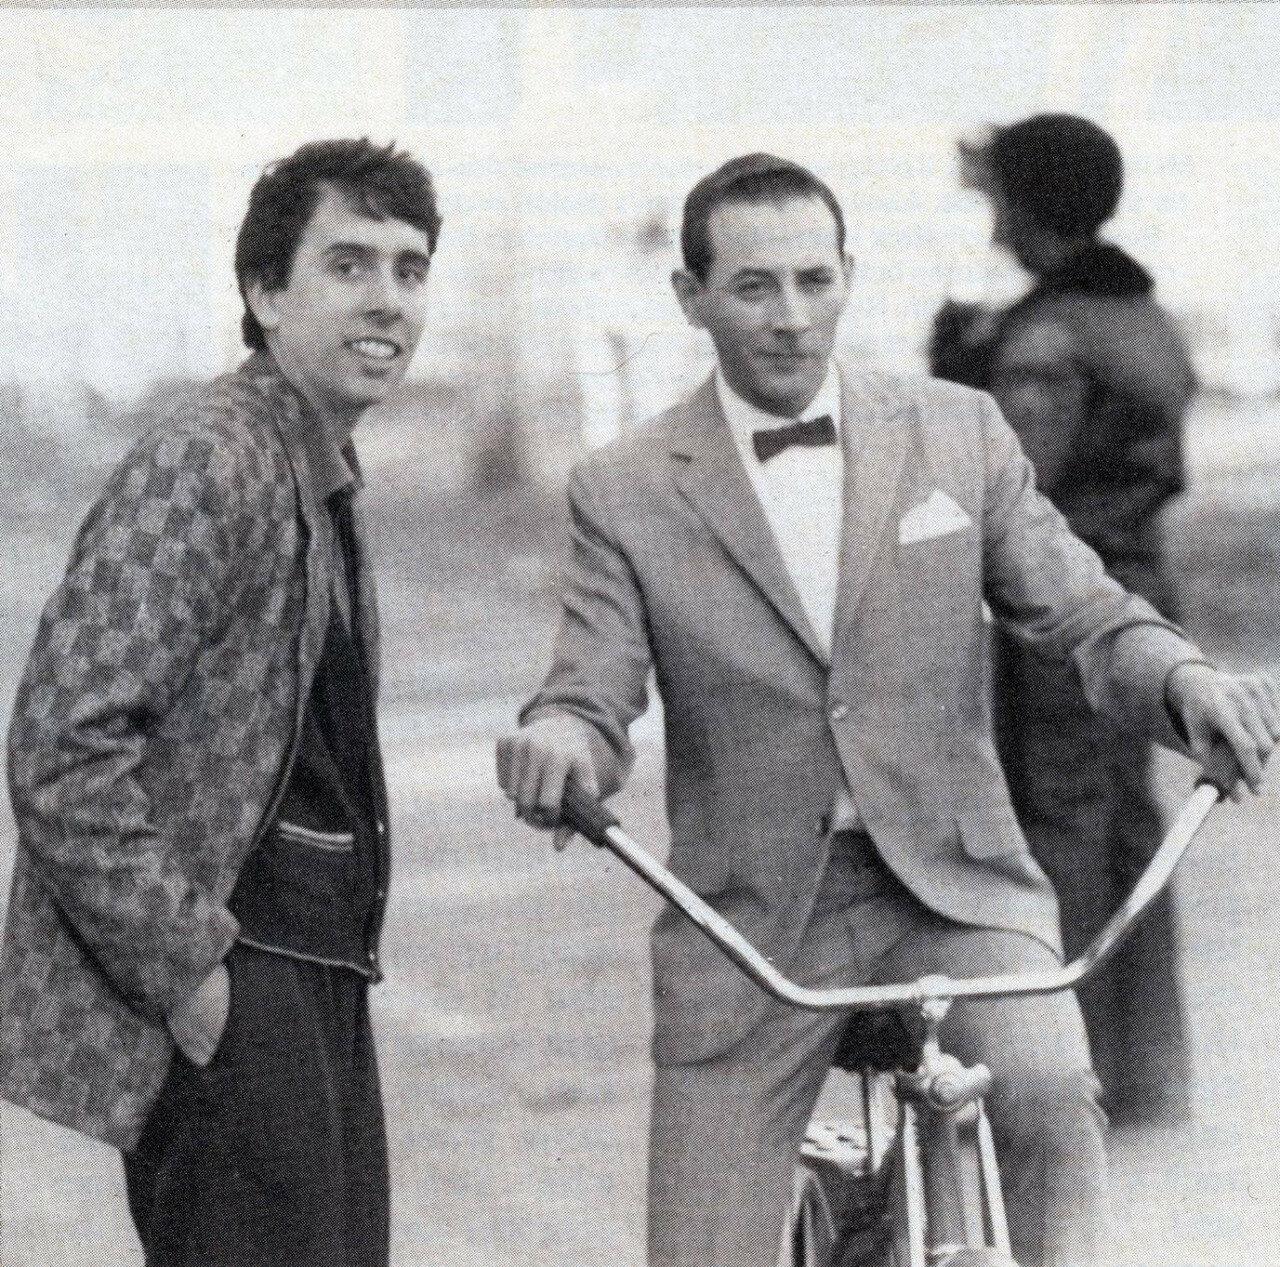 1985. Тим Бёртон и Пол Рубенс на съемках фильма «Большое приключение Пи-Ви»